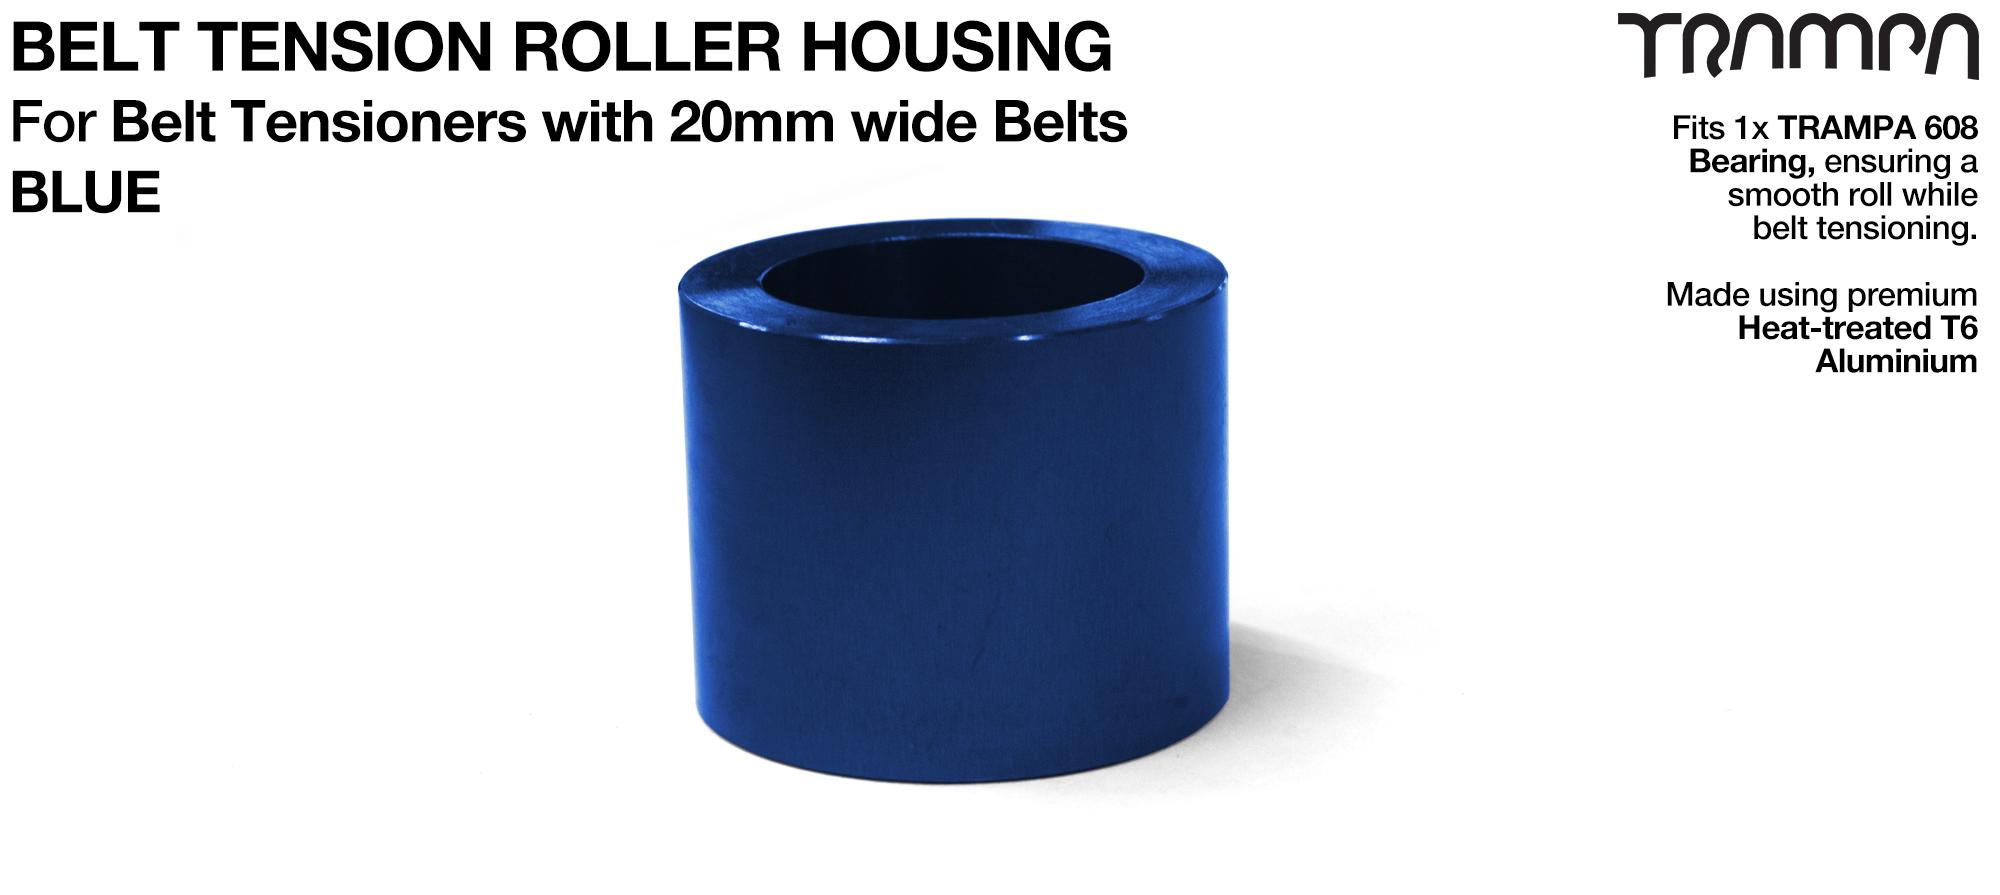 Belt Tension Roller Housing for 20mm Belts - BLUE